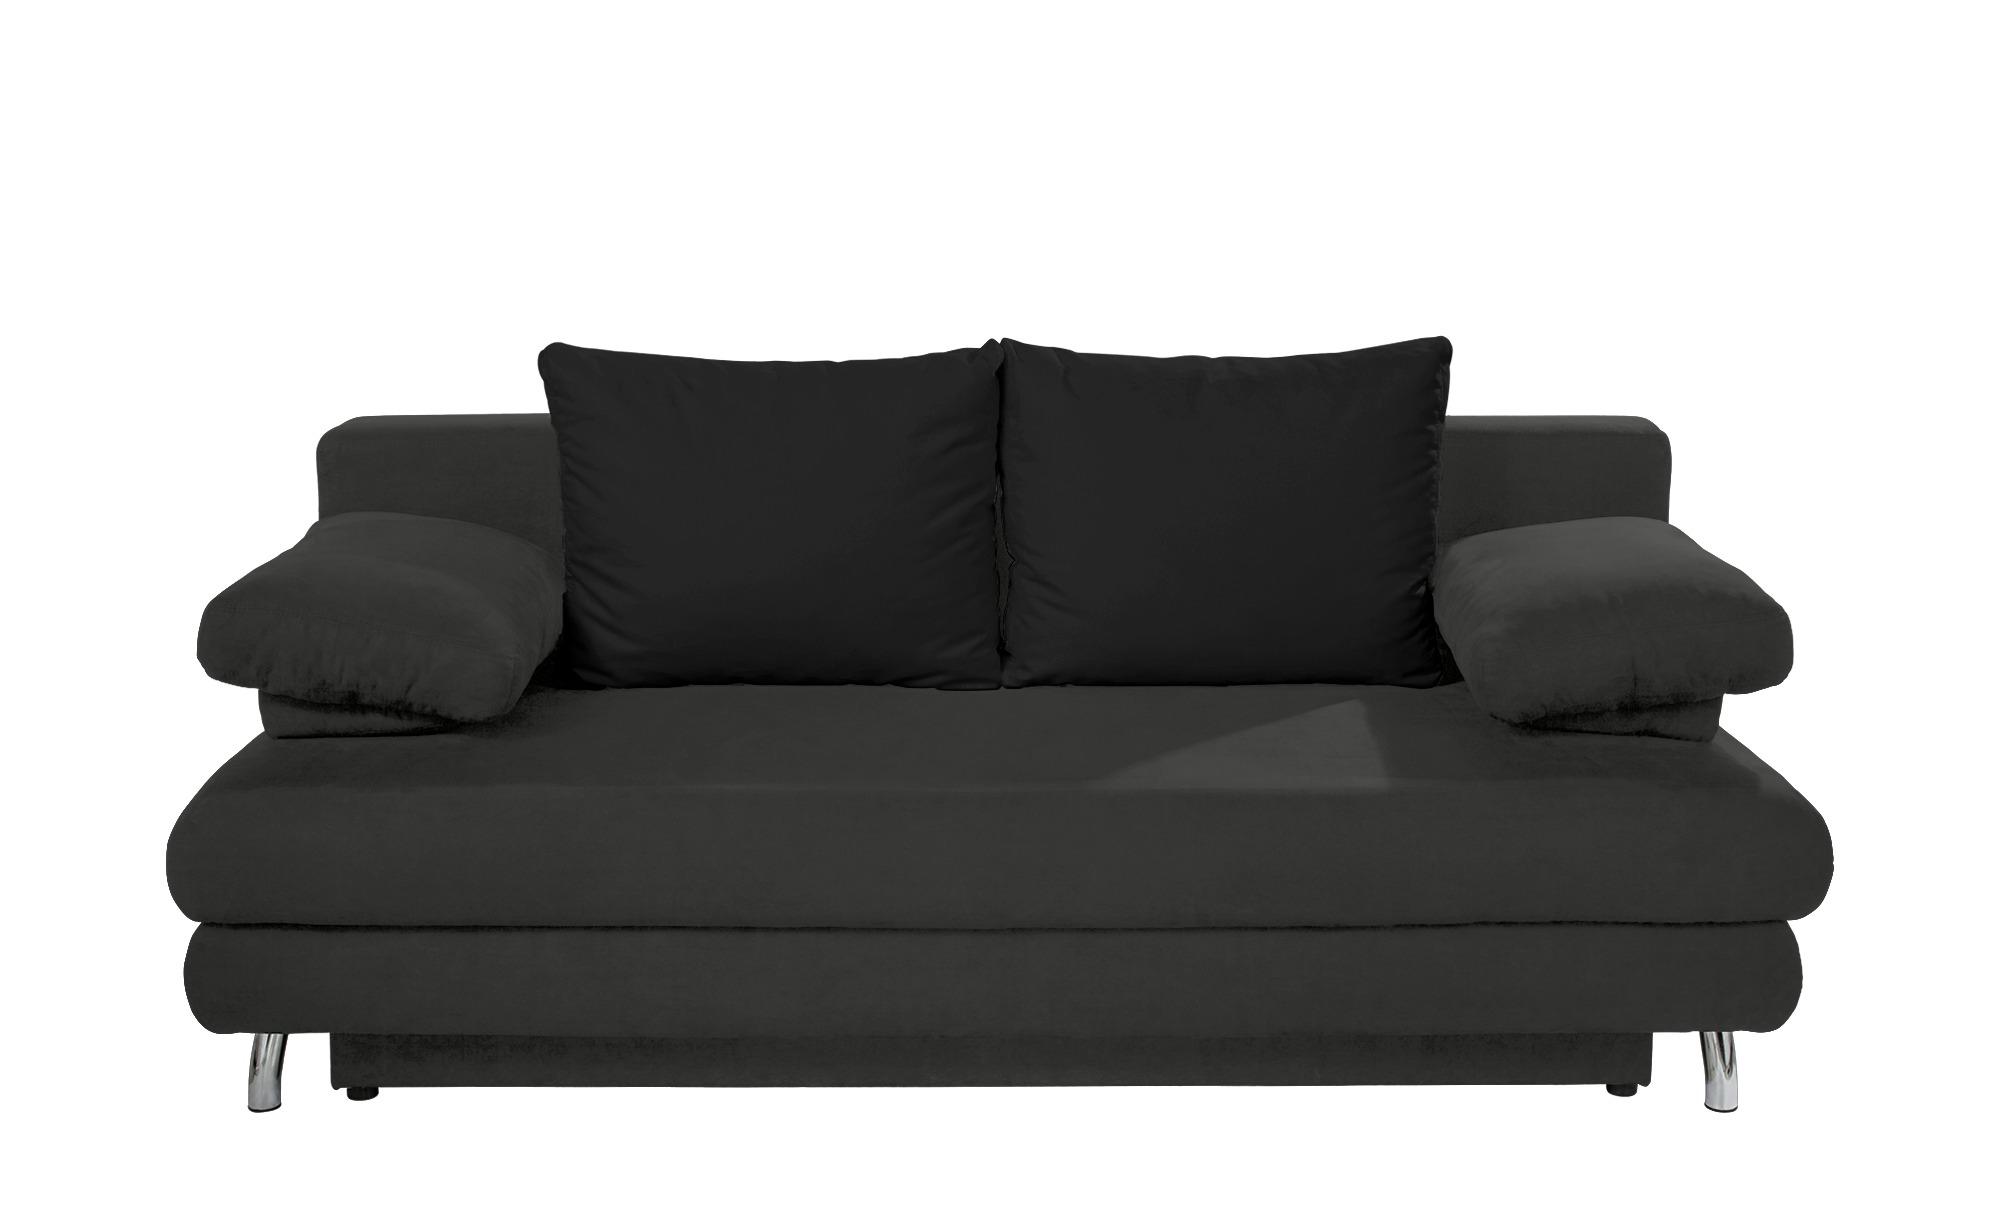 Schlafsofa grau - Webstoff Calina ¦ schwarz ¦ Maße (cm): B: 205 H: 80 T: 100 Polstermöbel > Sofas > 2-Sitzer - Höffner